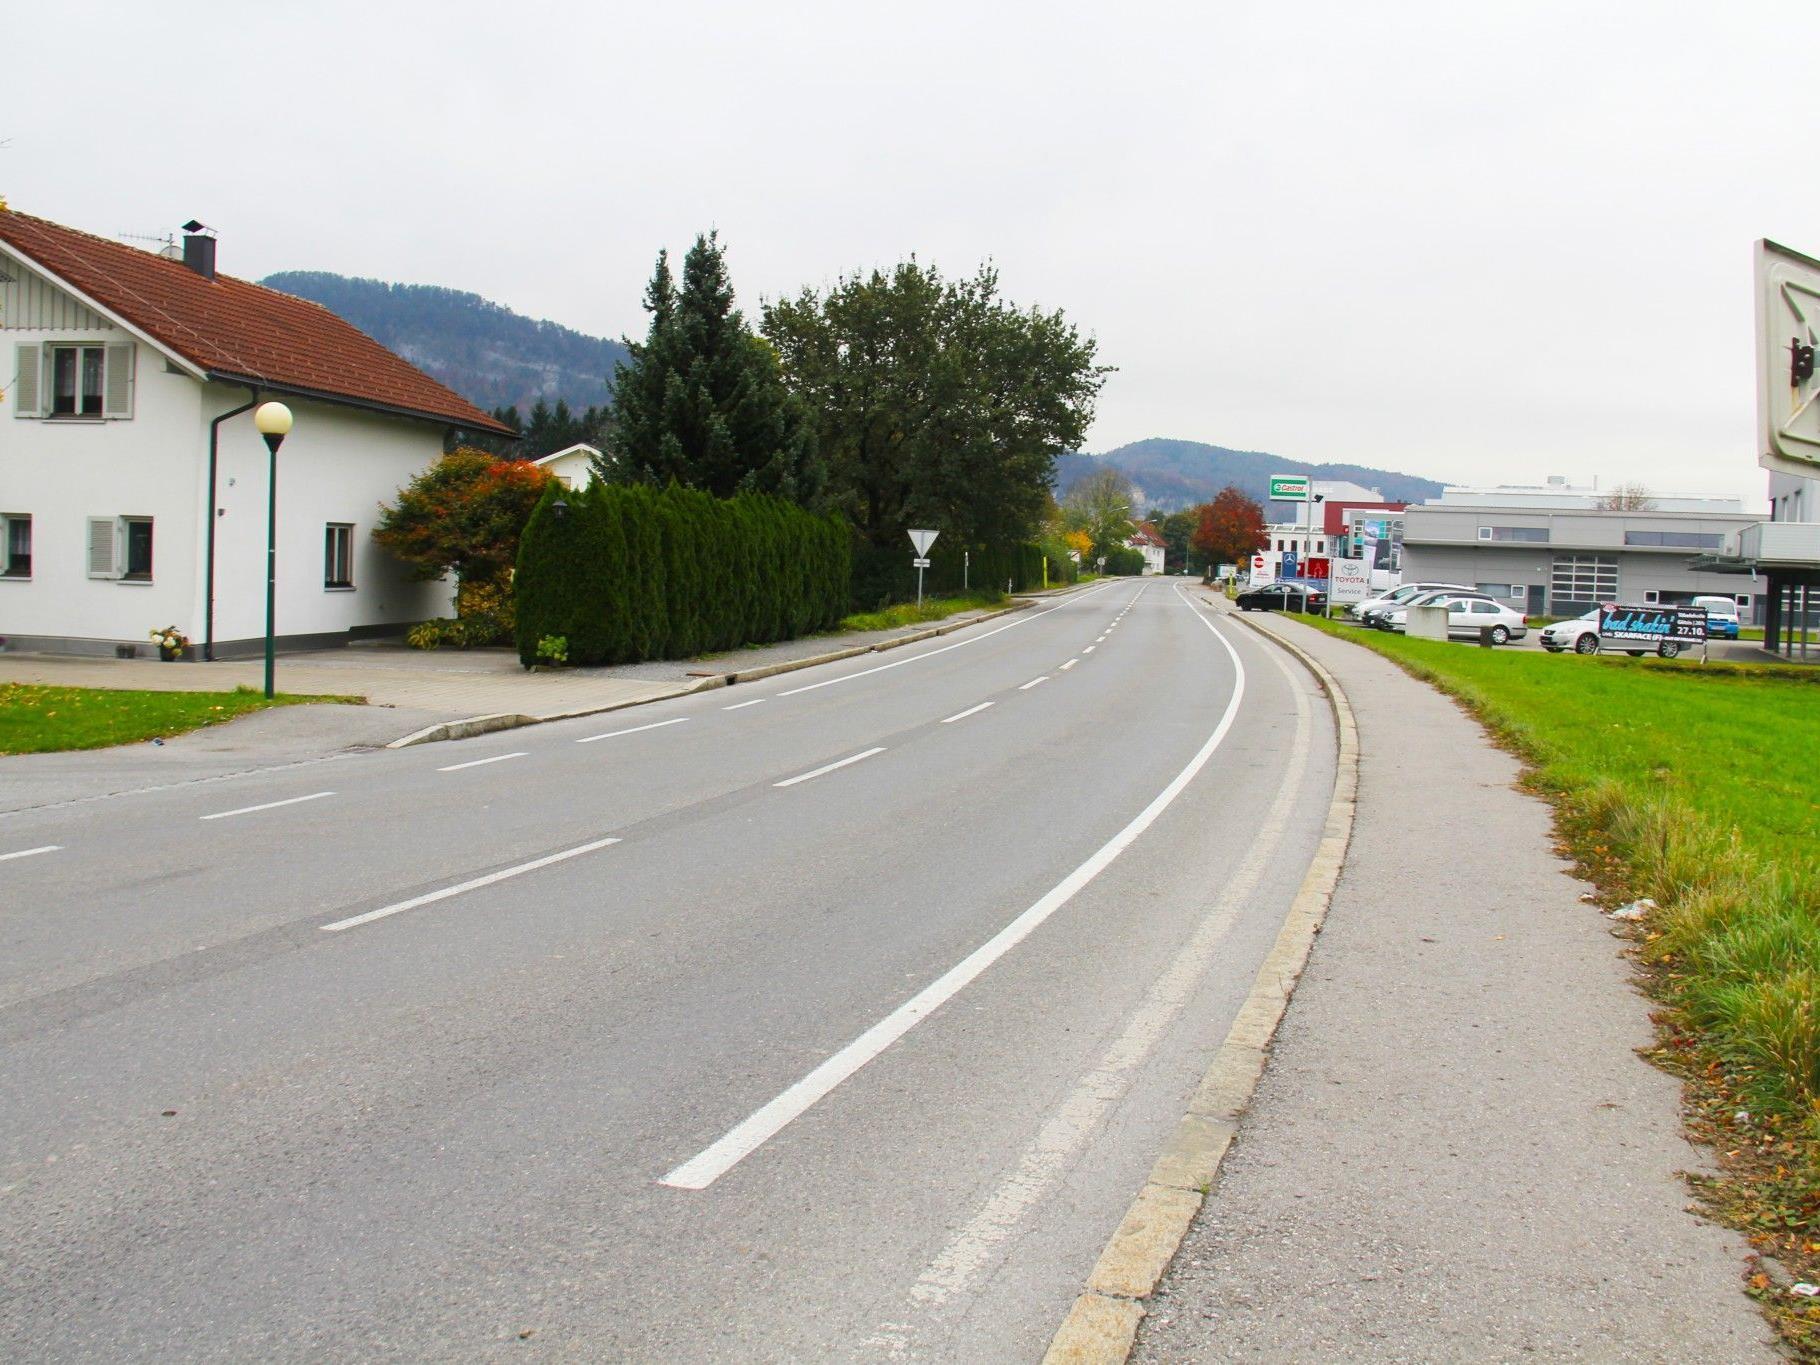 Im September 1950 unterbreitete die Gemeinde der Bevölkerung einen ausgearbeiteten Straßenbenennungsplan